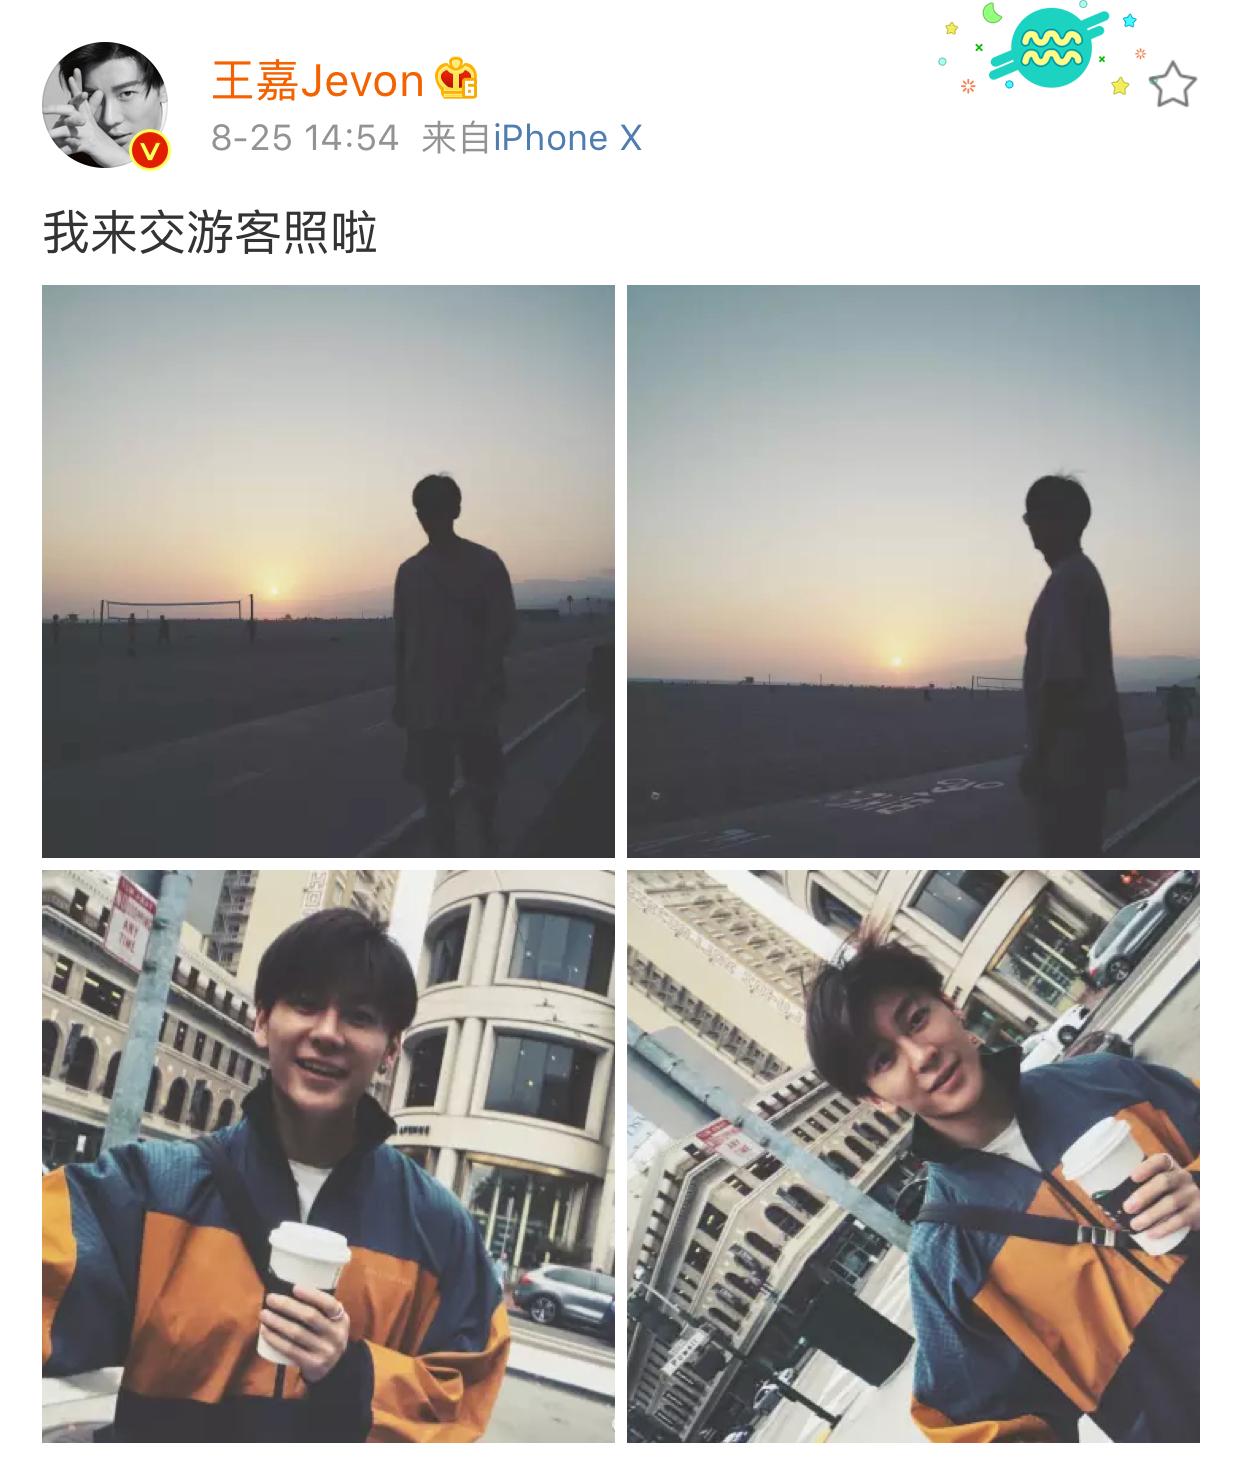 """王嘉旅游get潜水新技能    粉丝脑洞大发实力""""黑""""爱豆"""